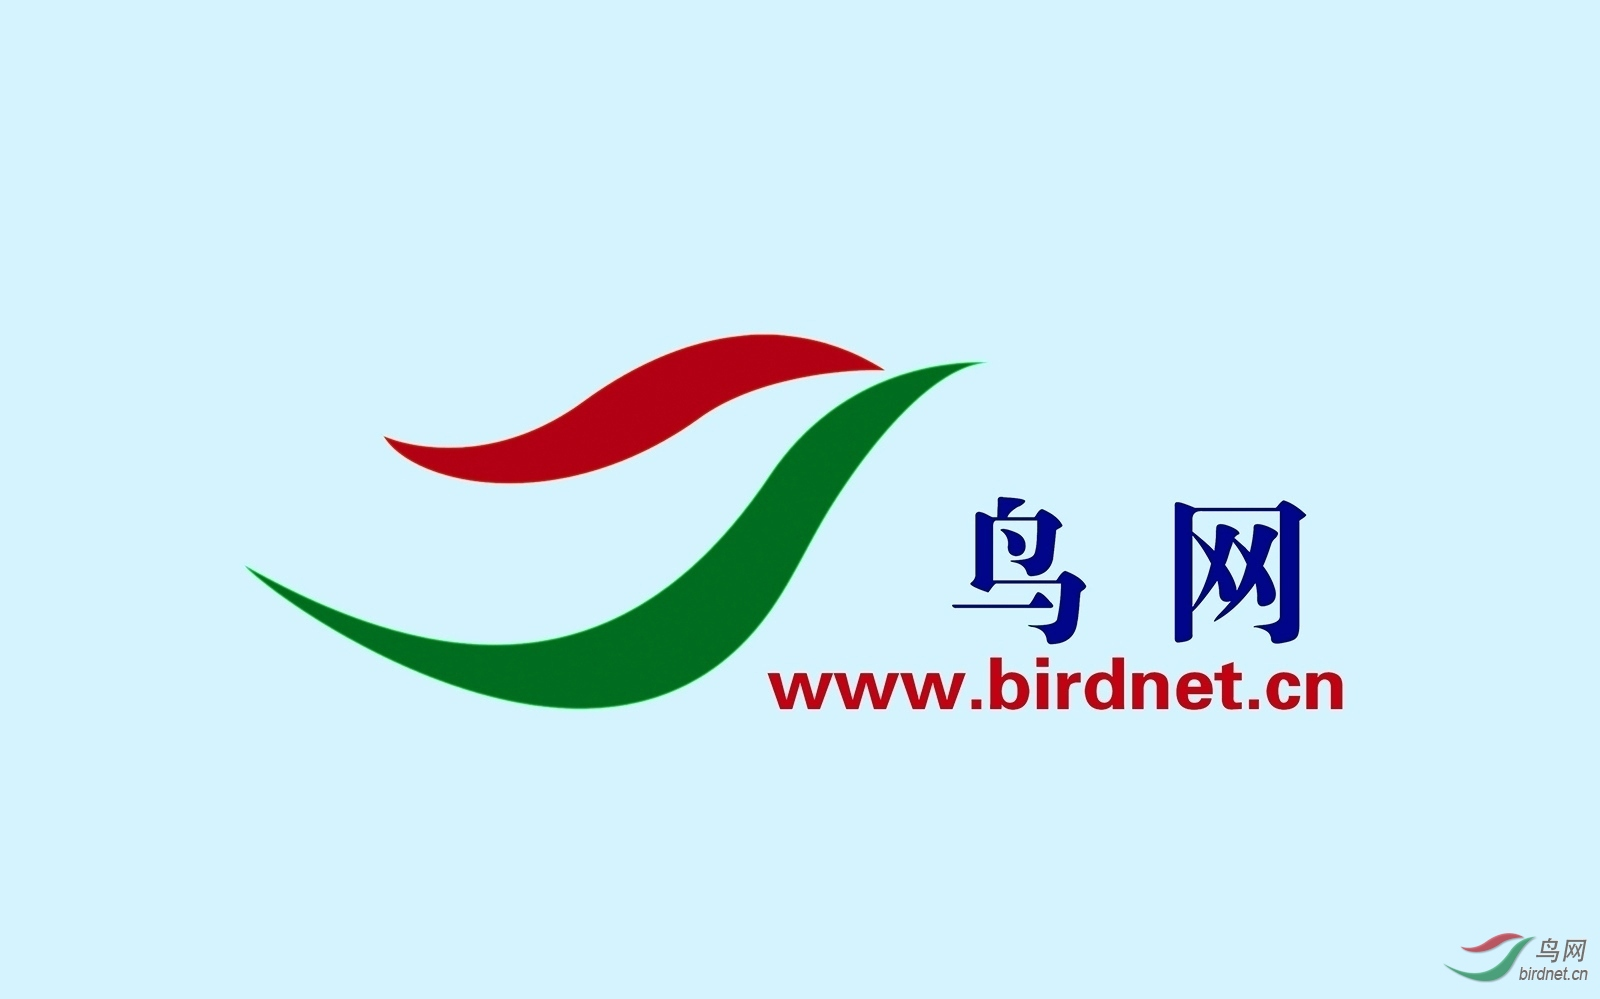 鸟网logo.jpg